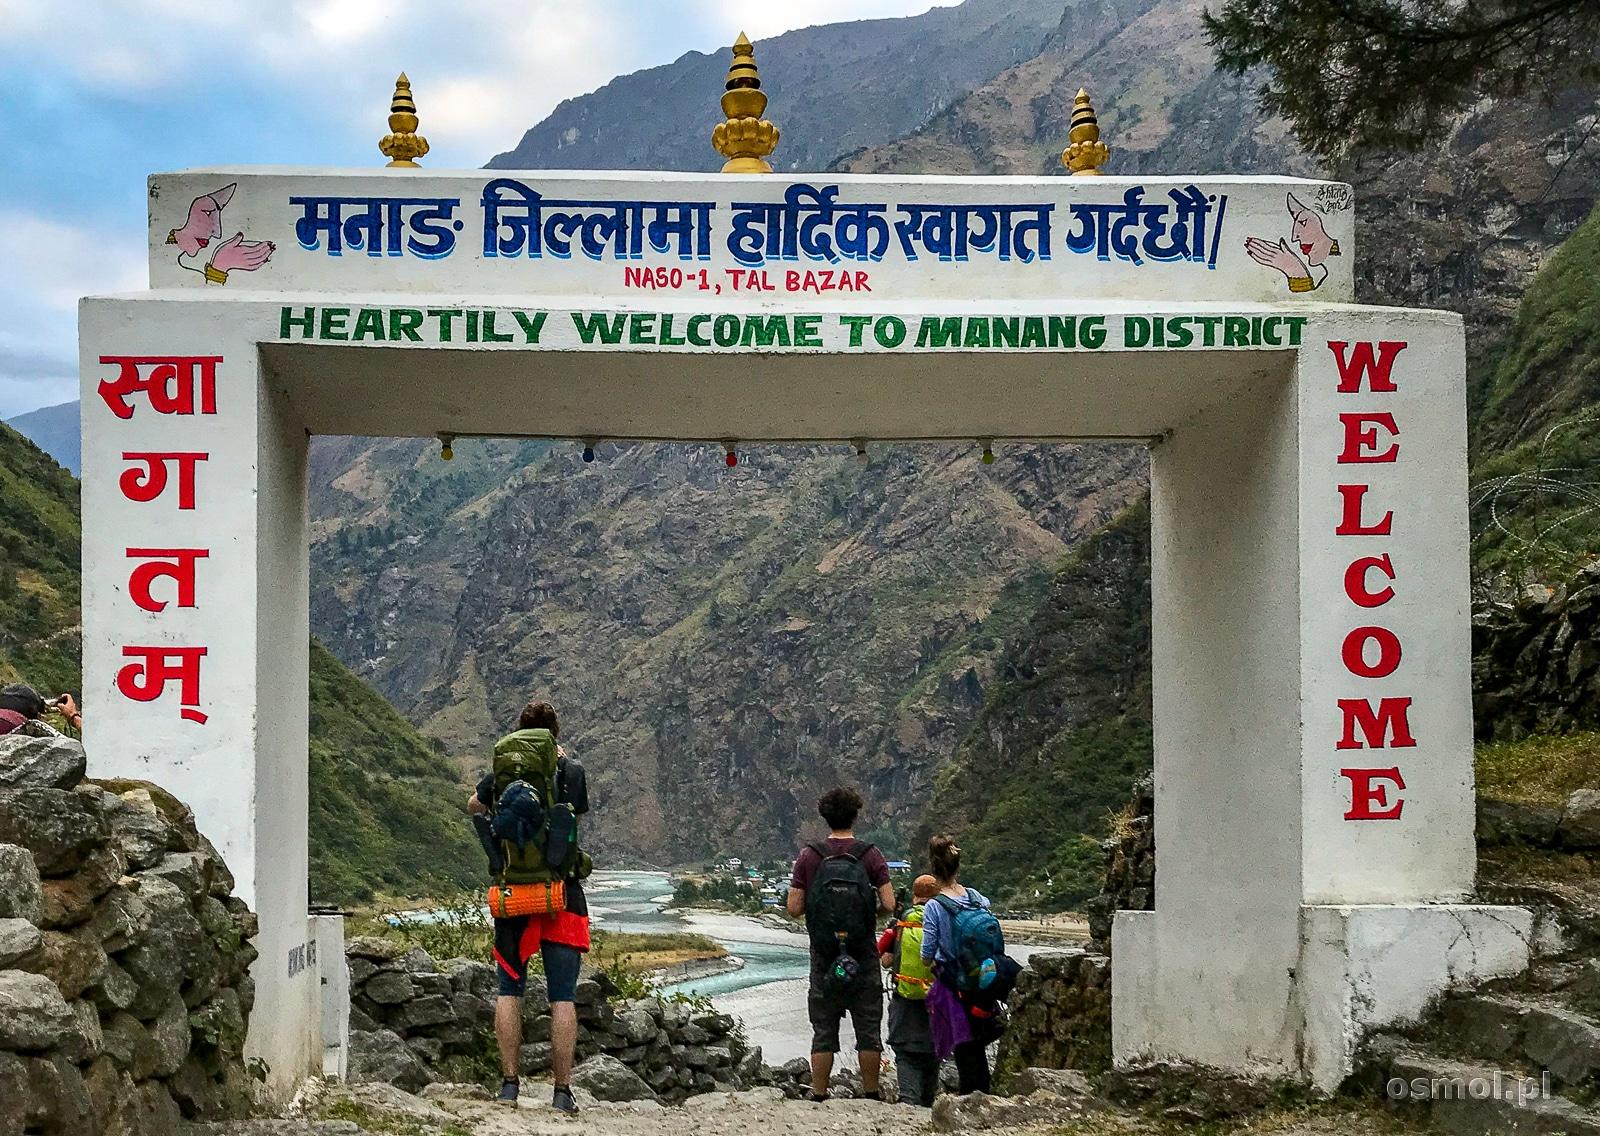 Wejście do dystryktu Manang - symboliczna brama w Himalaje.